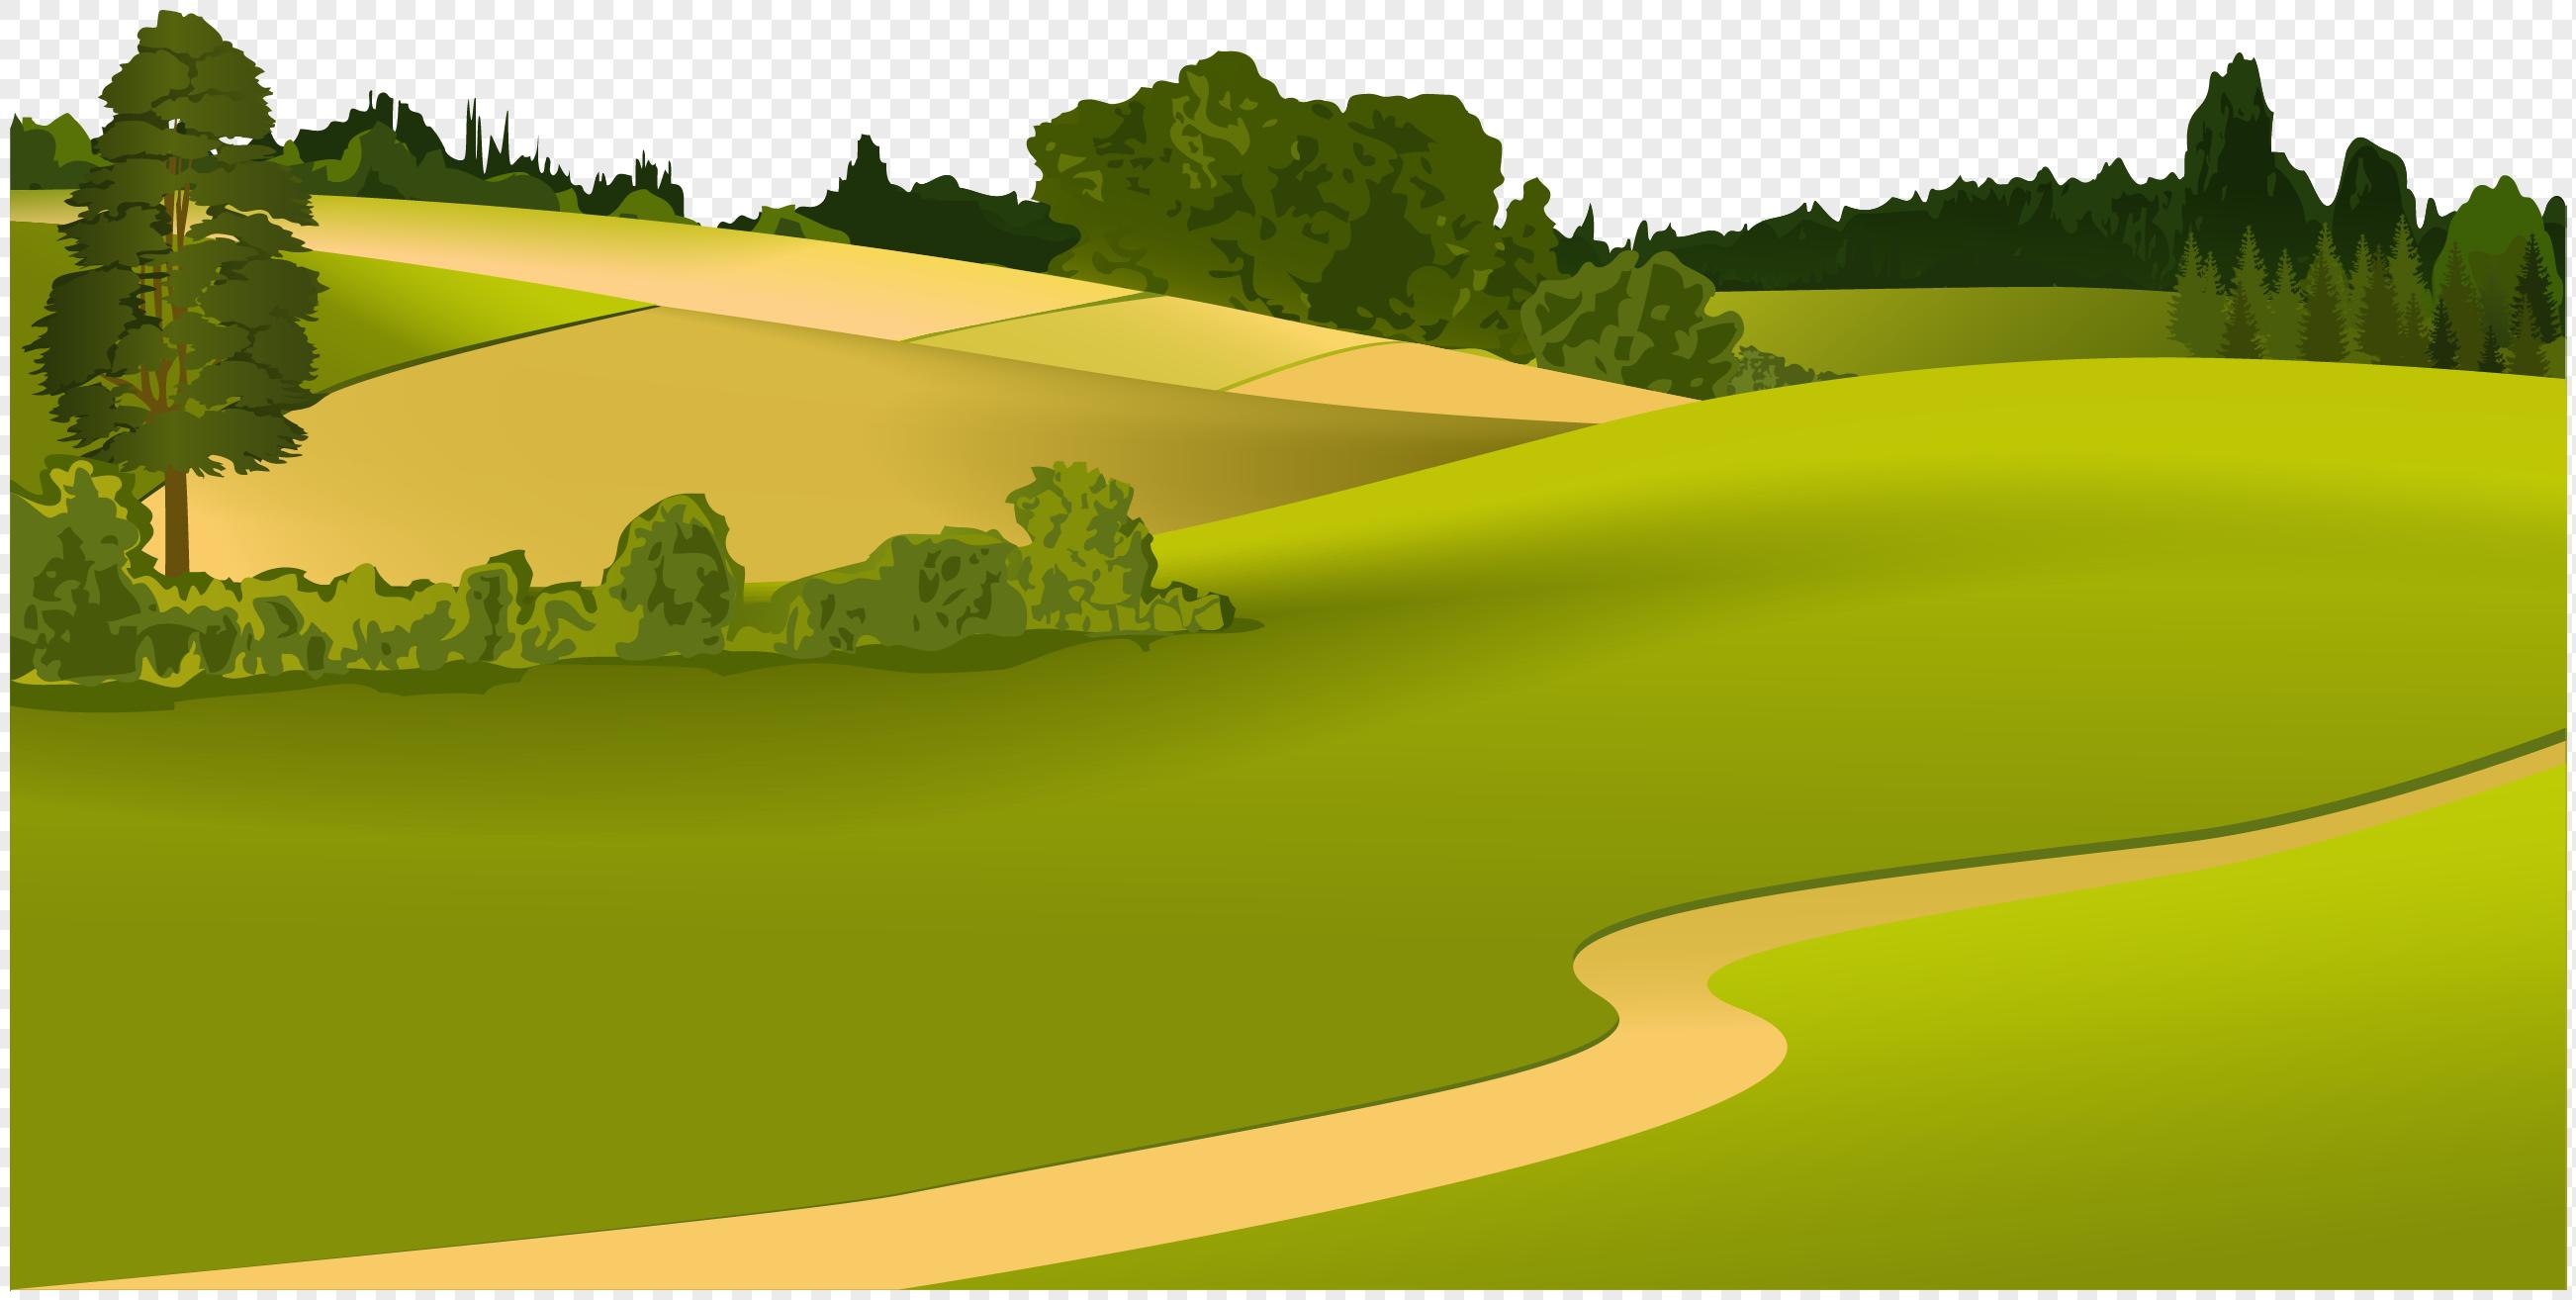 草原风景矢量